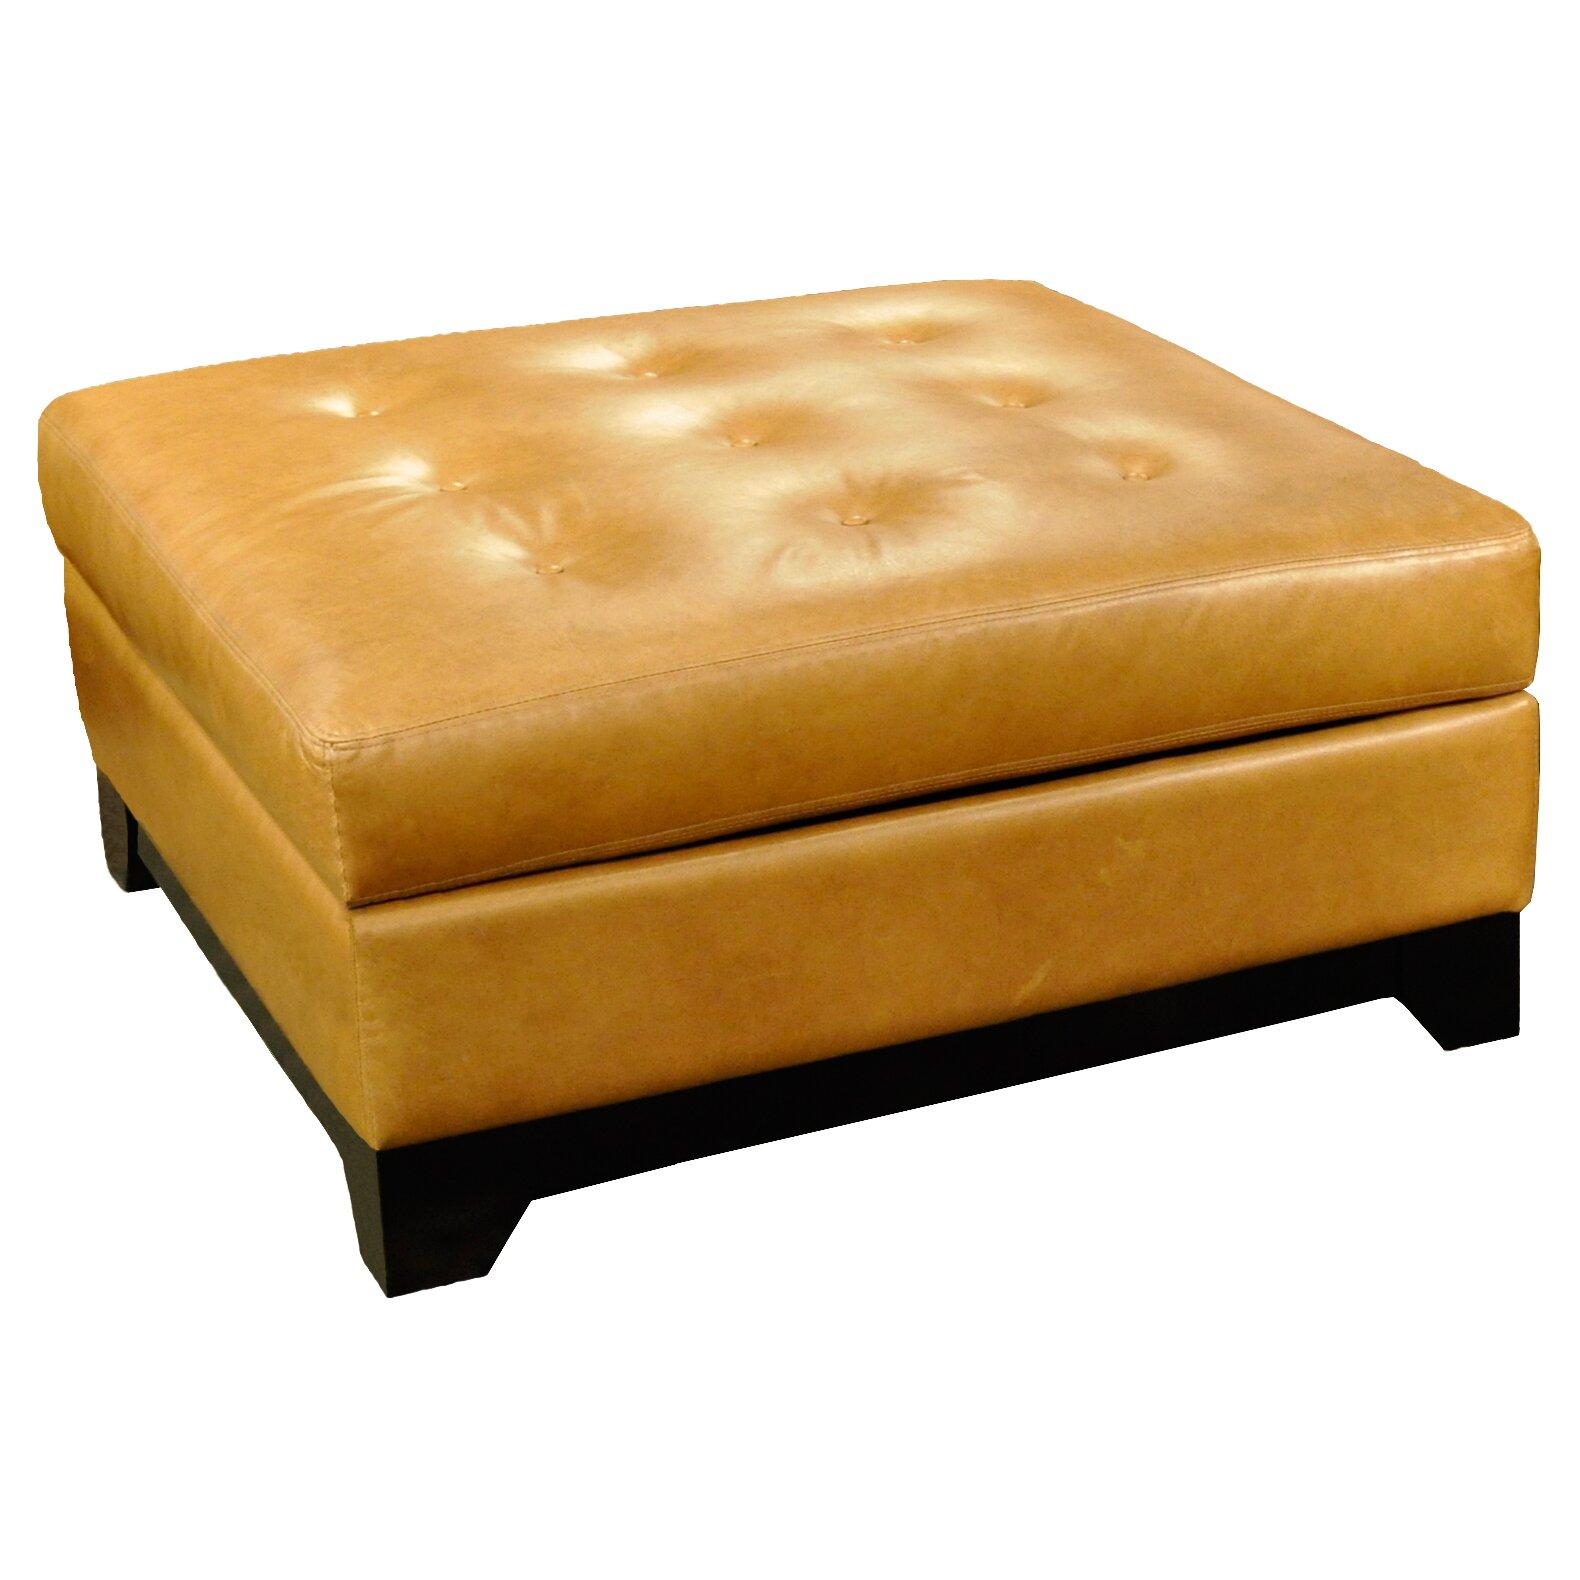 Omnia Leather Espasio Leather Sofa Reviews Wayfair